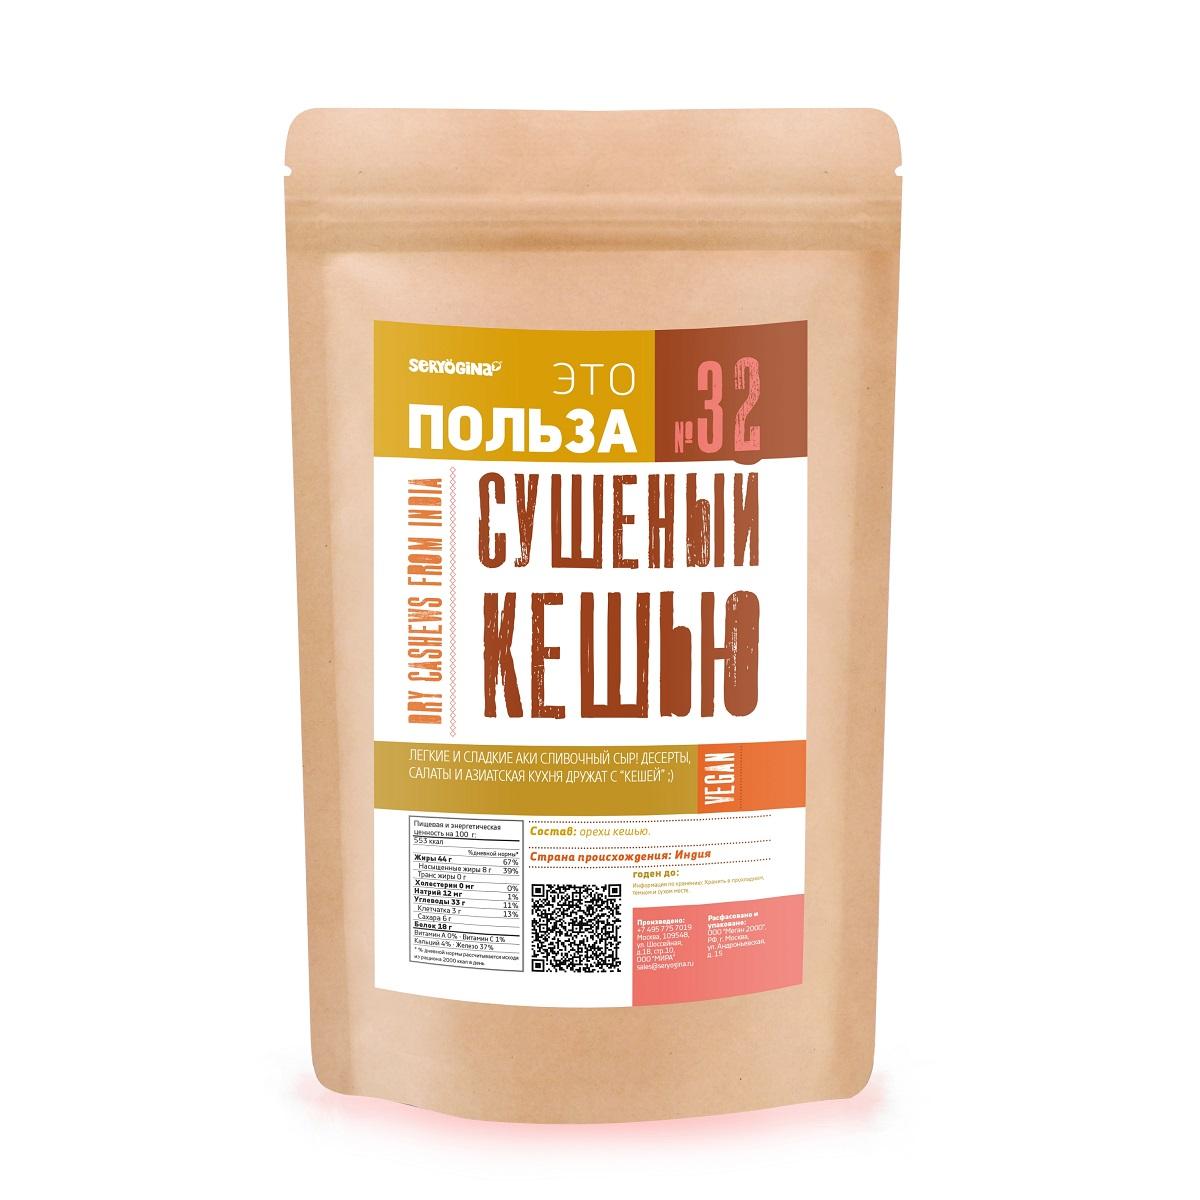 Seryogina Кешью нежареный сушеный, 900 г2194Кешью используется в диетическом питании, а еще укрепляет сердечную мышцу (благодаря высокому содержанию калия). Для приготовления кремов и начинок для сыроедческих десертов. И просто как здоровый фаст-фуд и снеки.